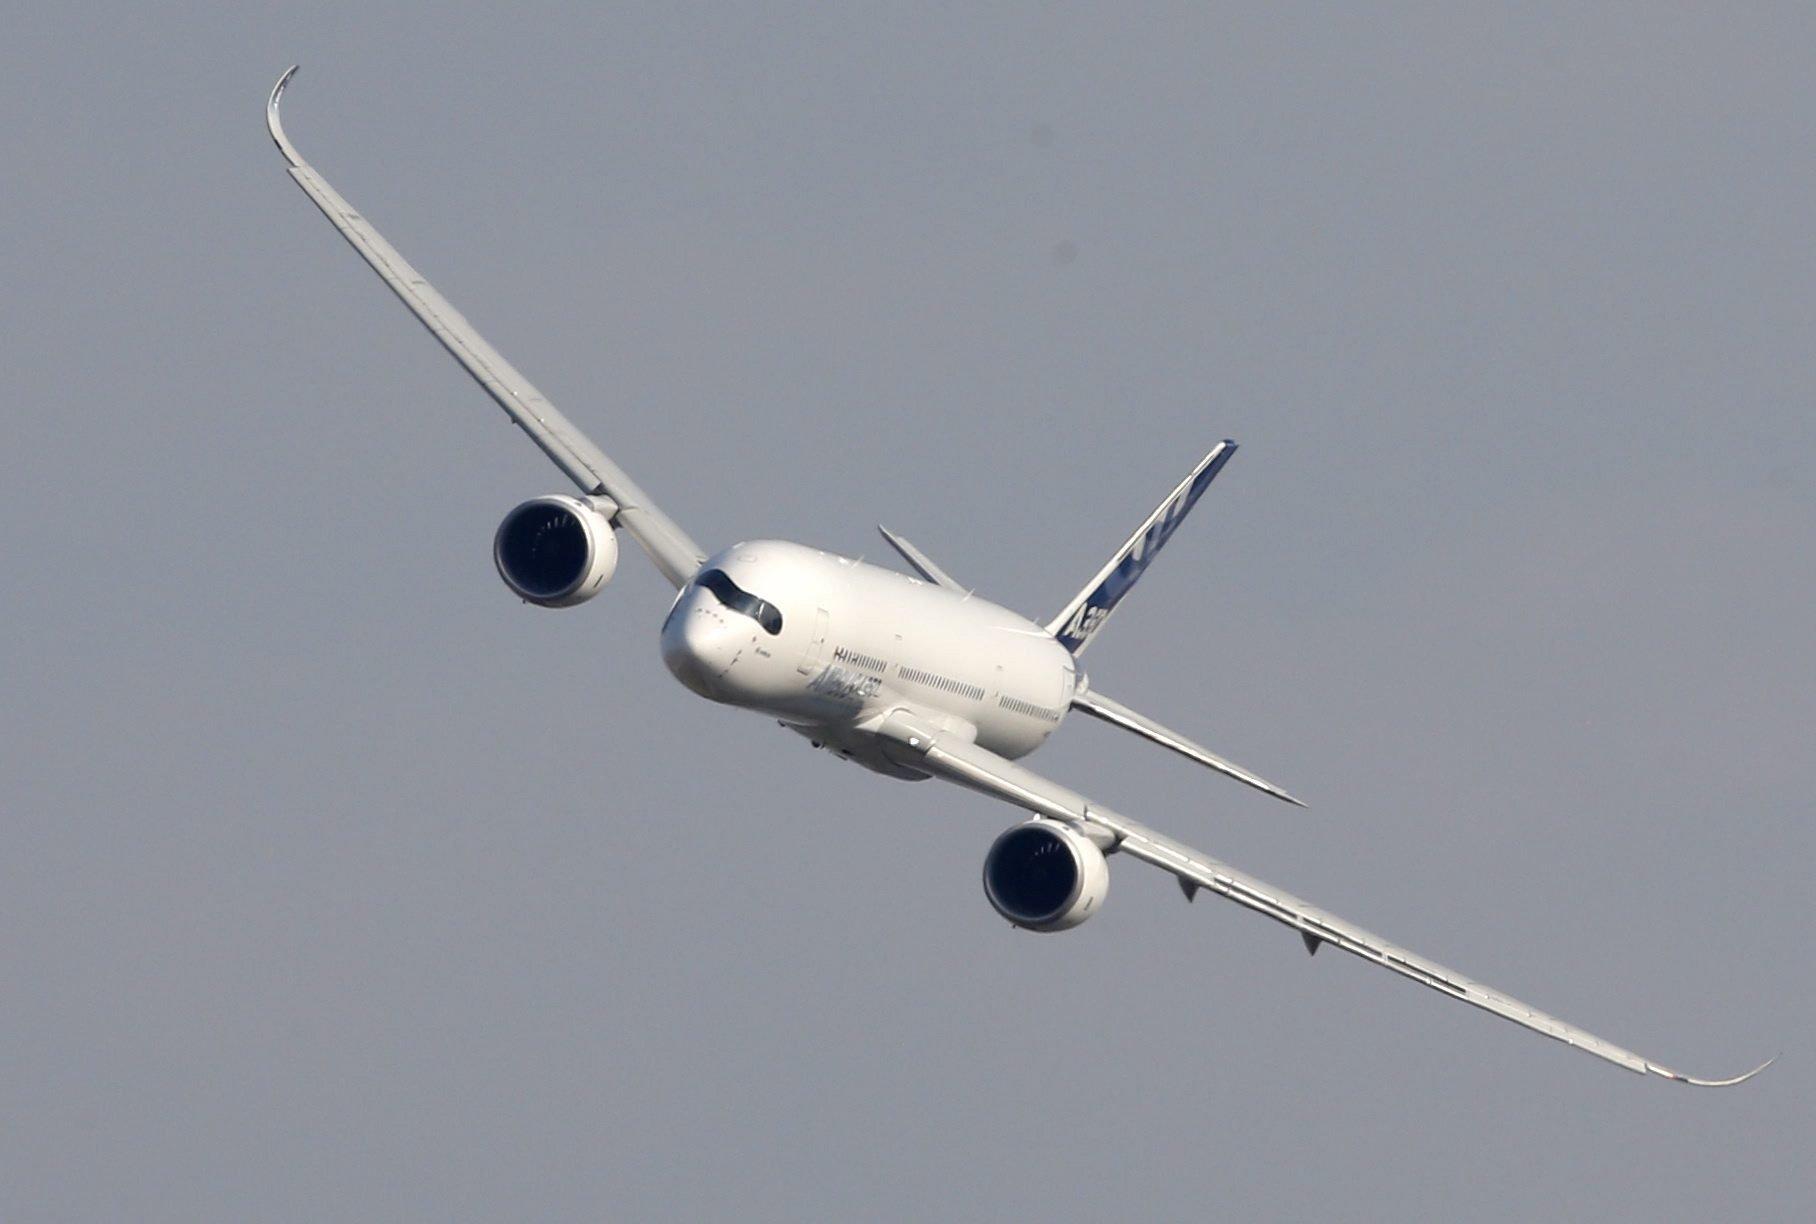 Airbus präsentiert auf der Maks den Prototypen der A350-900. Die Maschine istmit einer Testausrüstung ausgestattet – darunter Ingenieurstation, Ballasttanks und Computer.